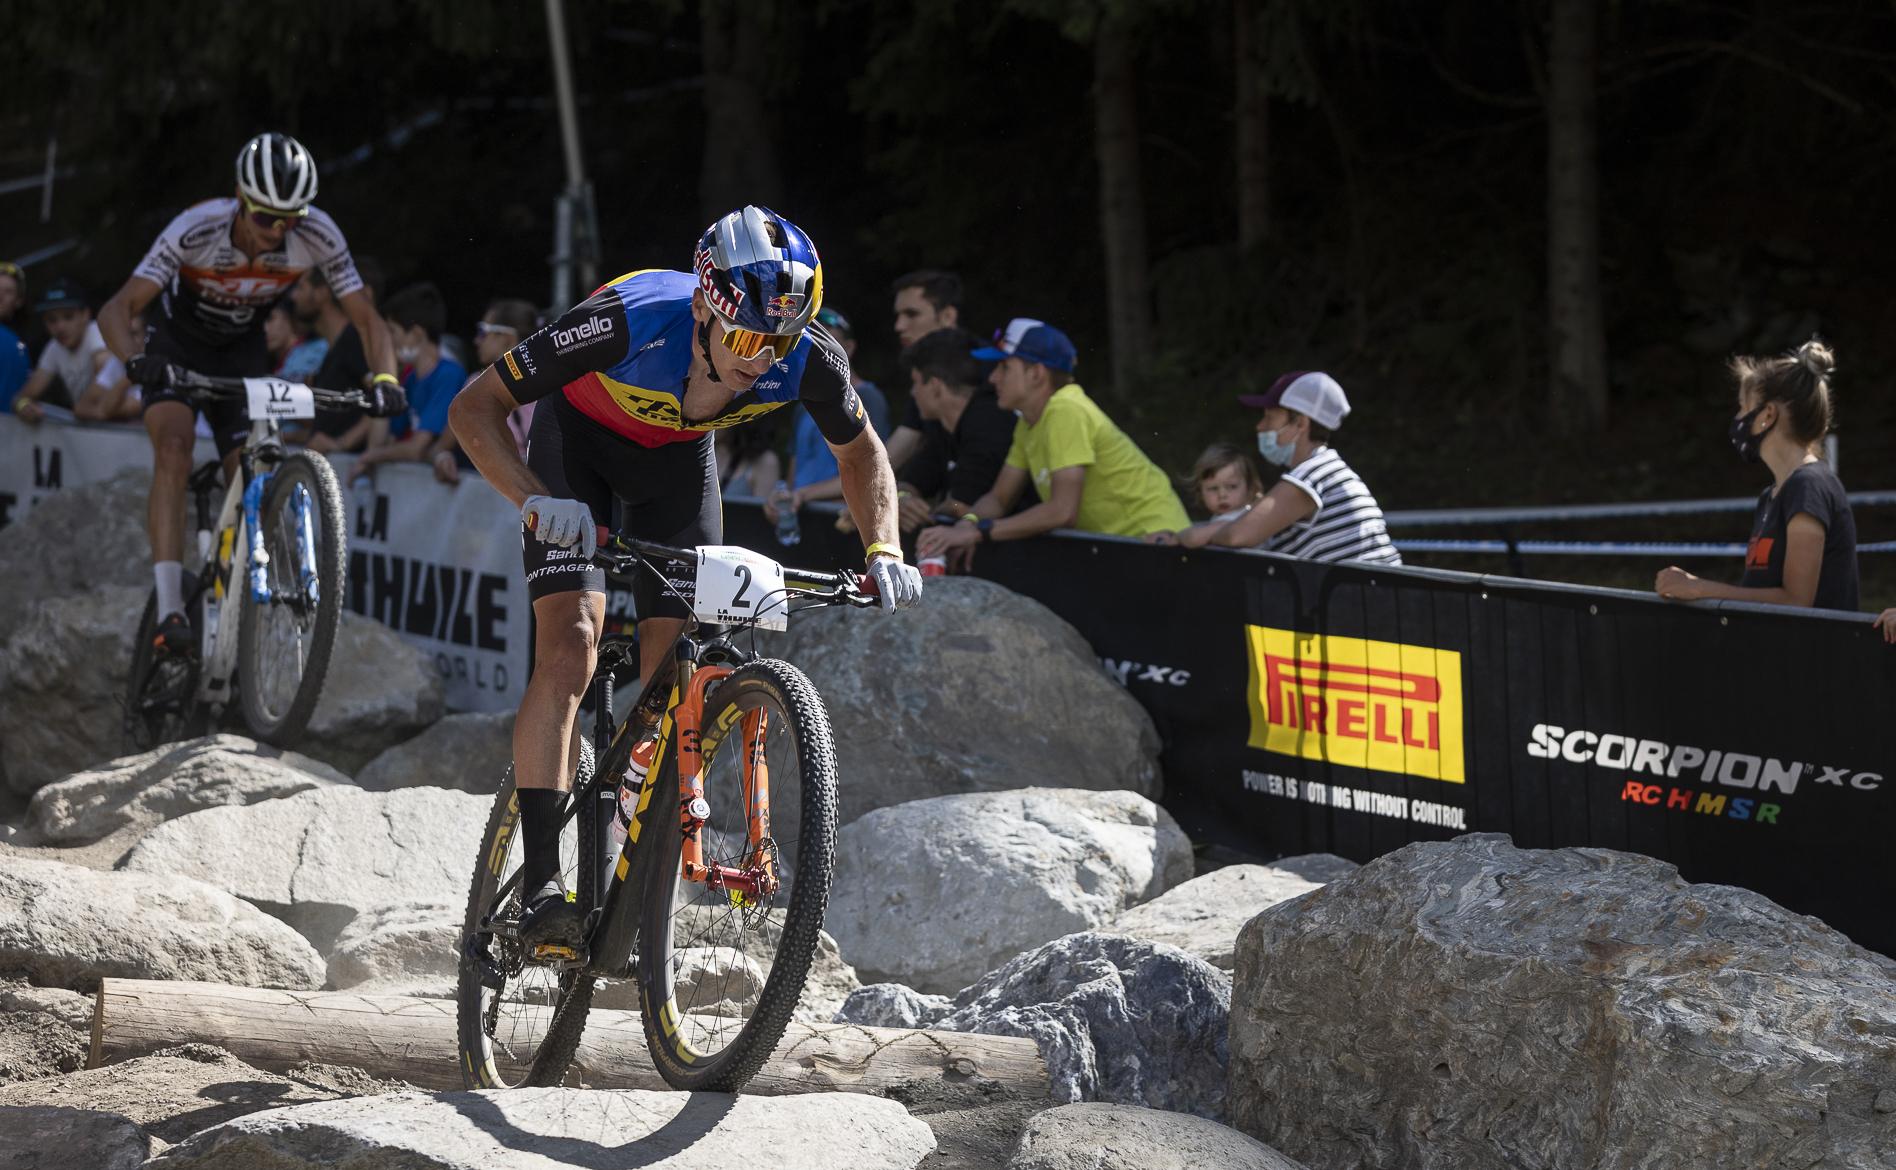 La Thuile MTB Race